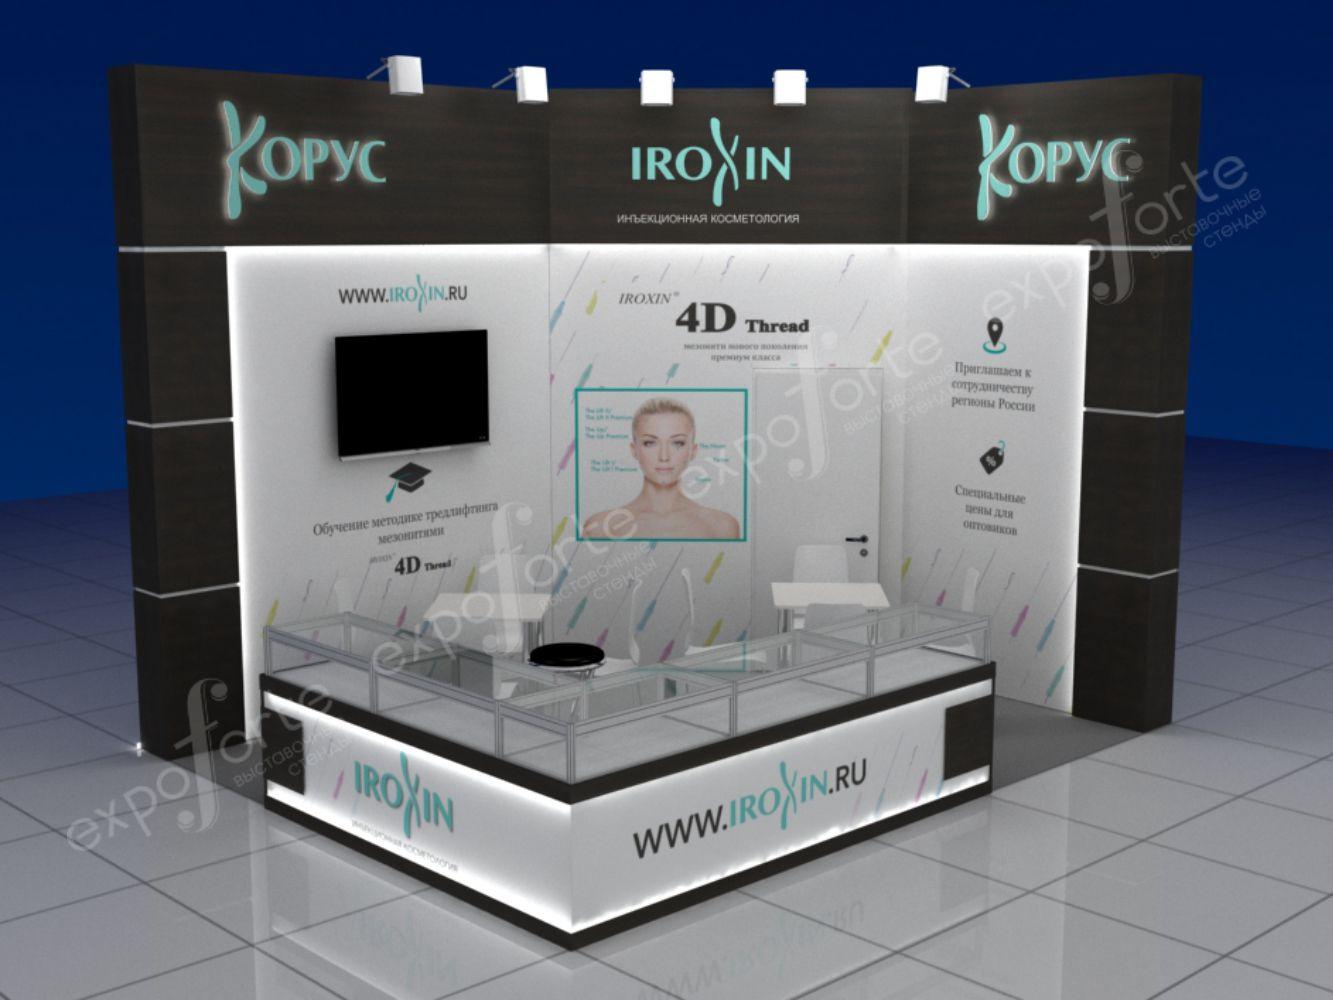 Фото: IROXIN, выставка ИНТЕРШАРМ – картинка 2